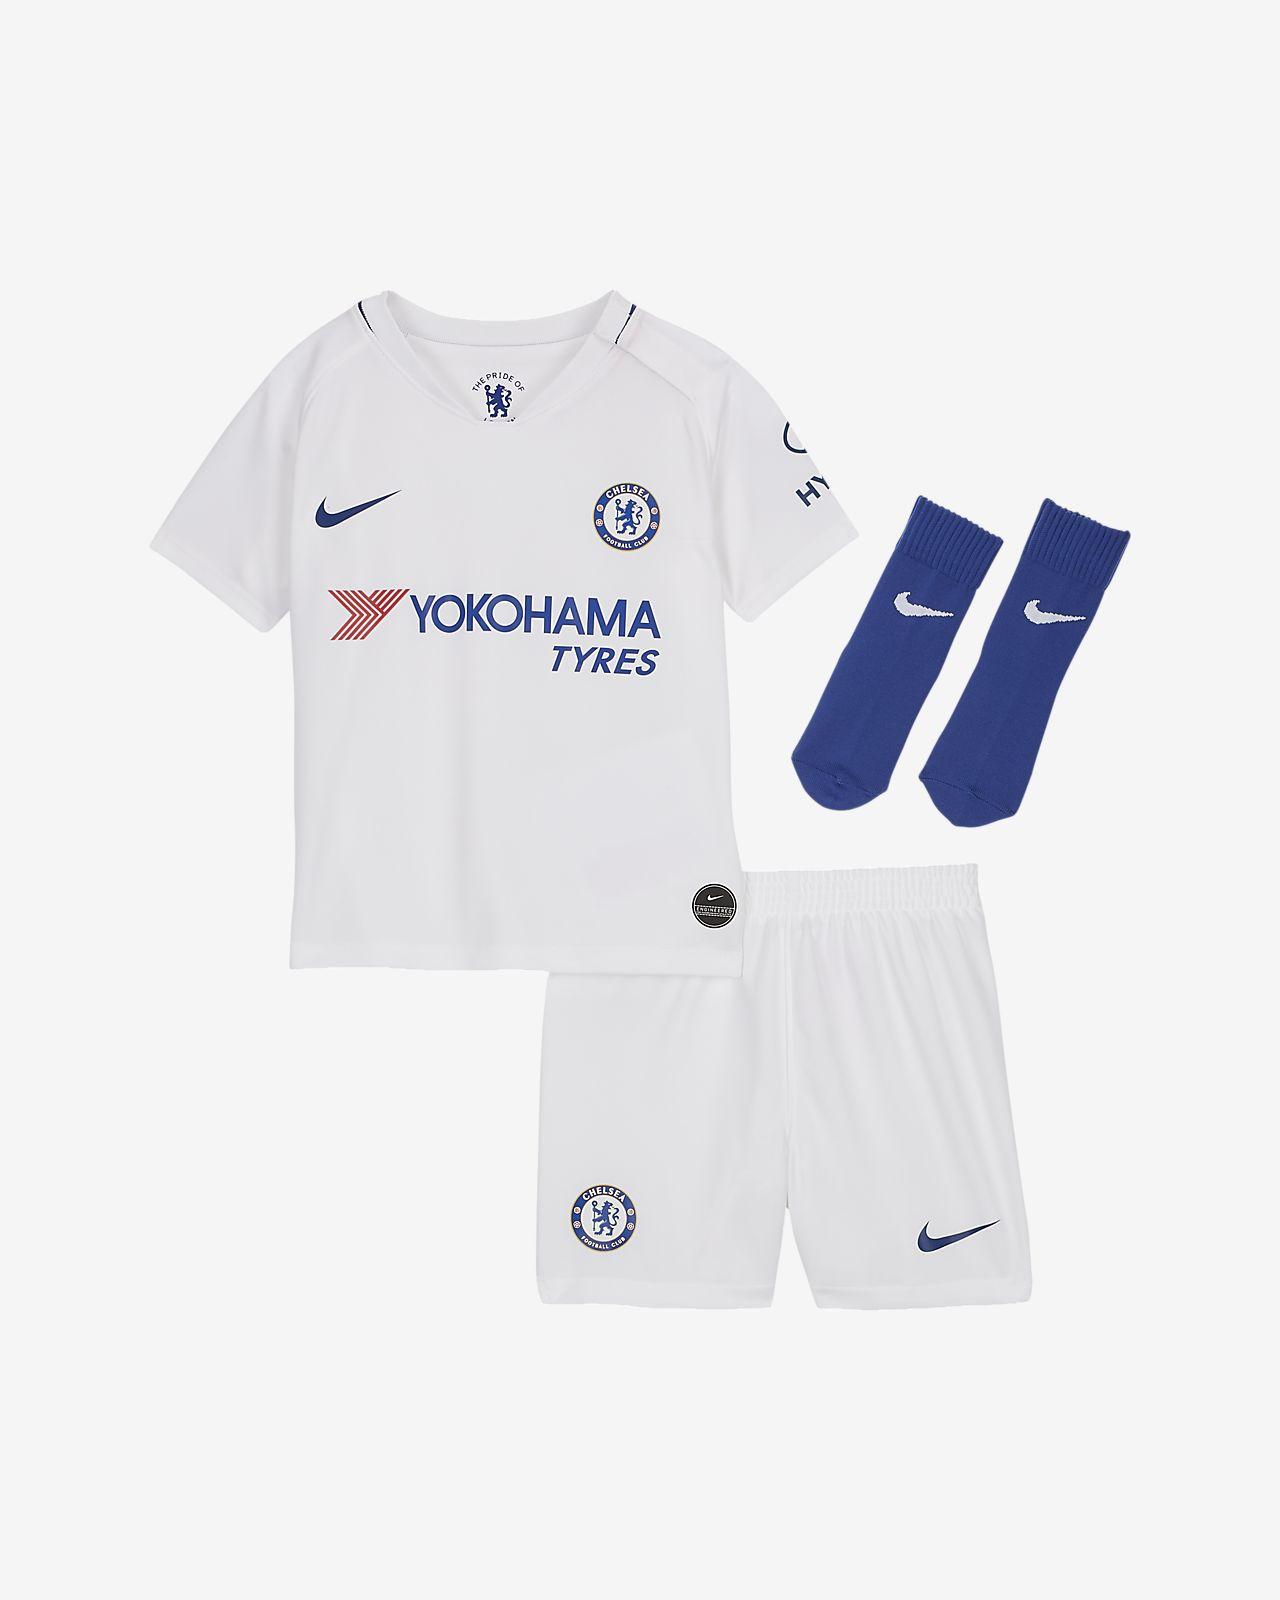 Chelsea FC 2019/20 Away fotballdraktsett til sped-/småbarn